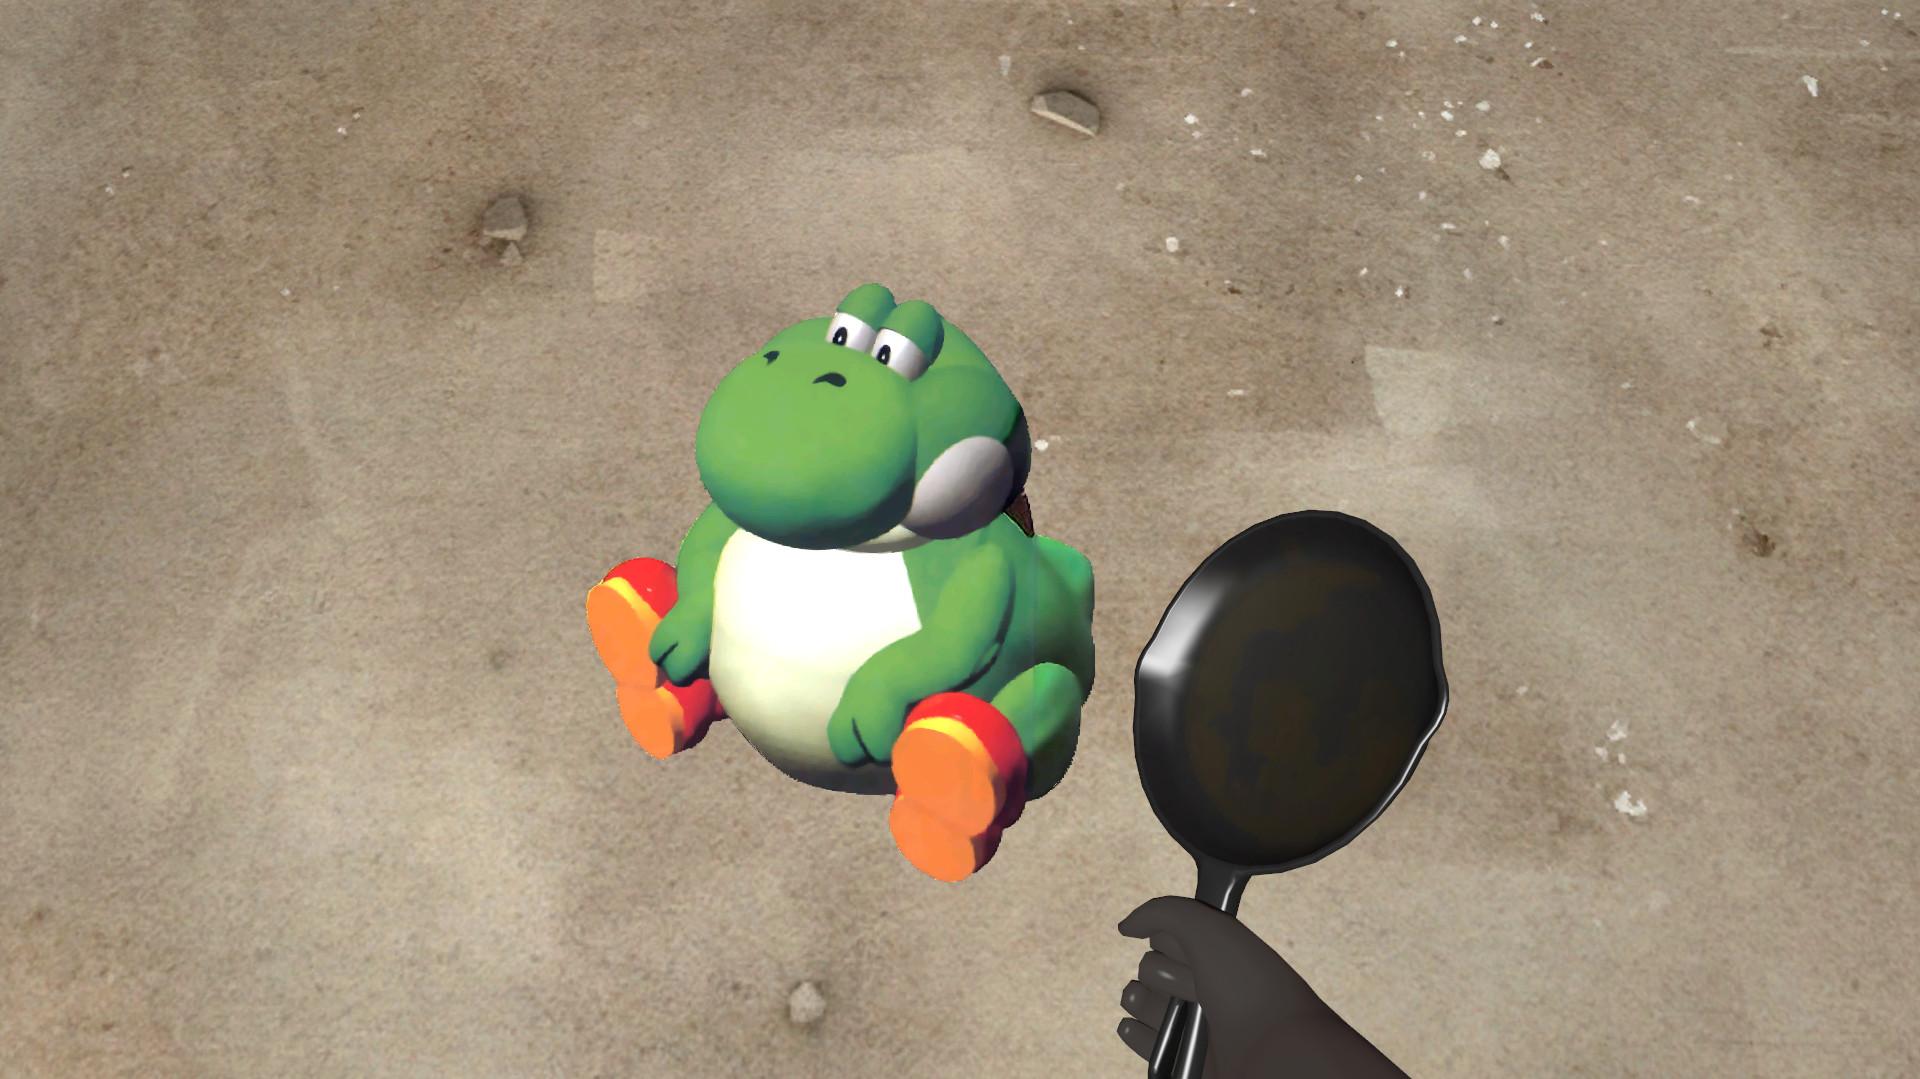 Fat Yoshi Team Fortress 2 Sprays